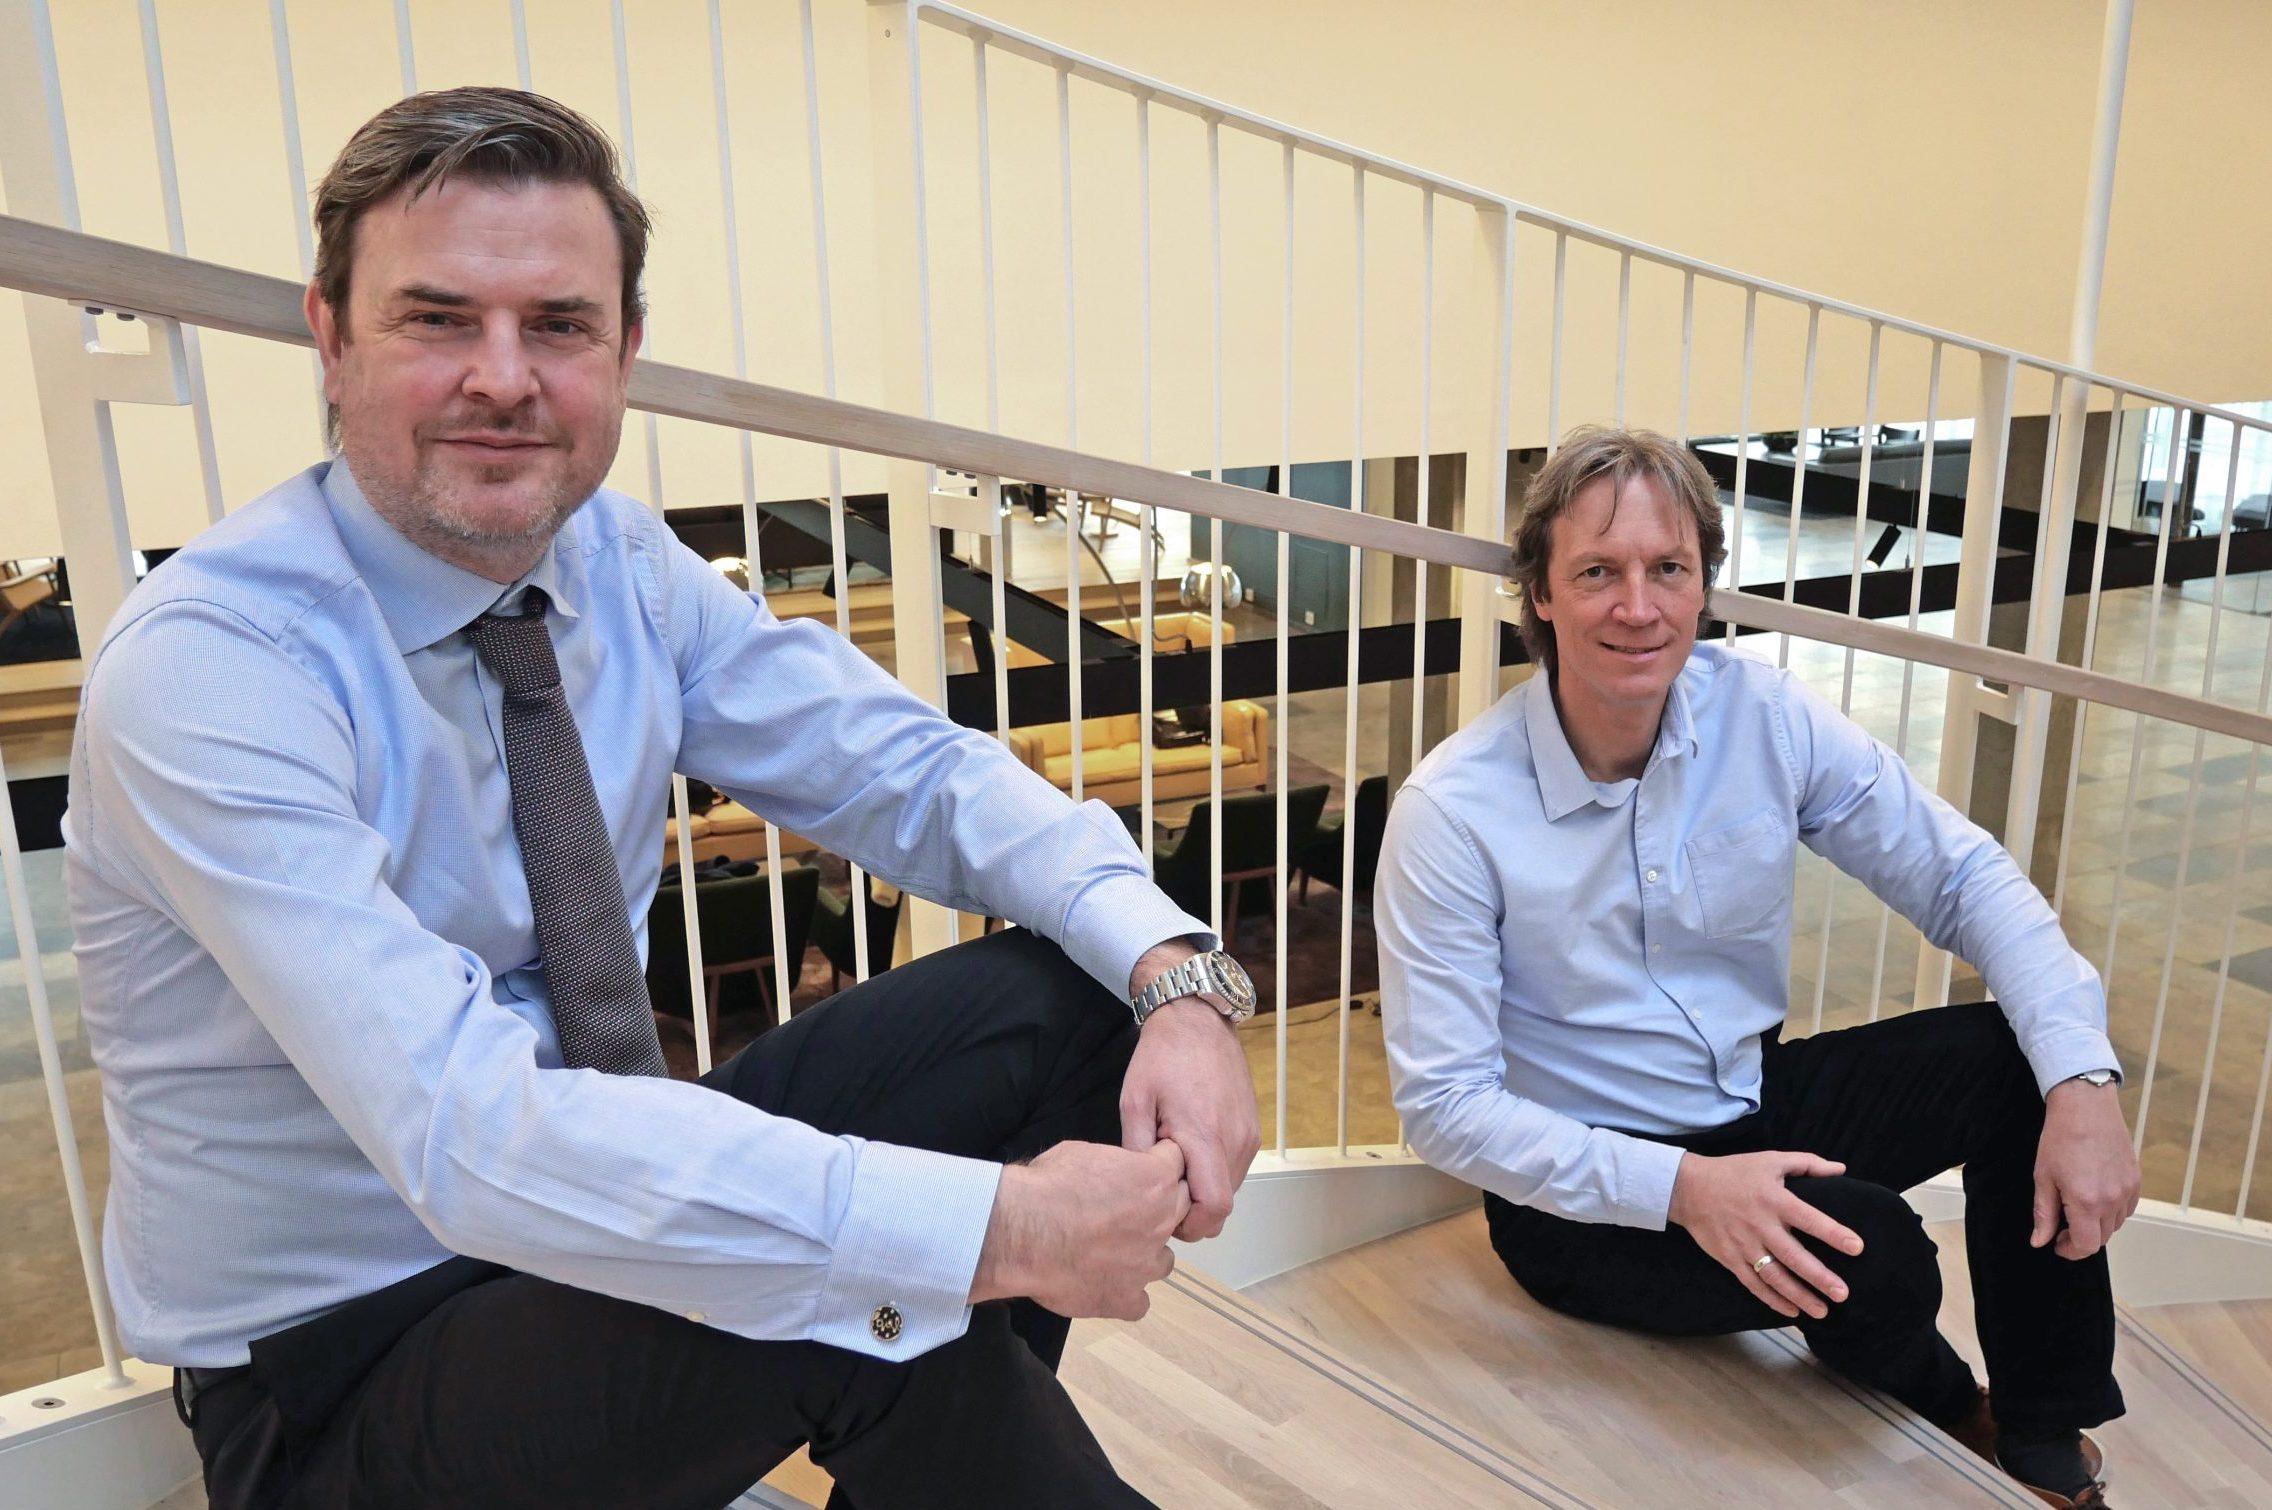 Klar til samarbejde, kommerciel direktør Michael Hansen fra Comwell, til venstre, med Hauke Haas, driftsdirektør hos Ordnung. PR-foto fra Comwell.